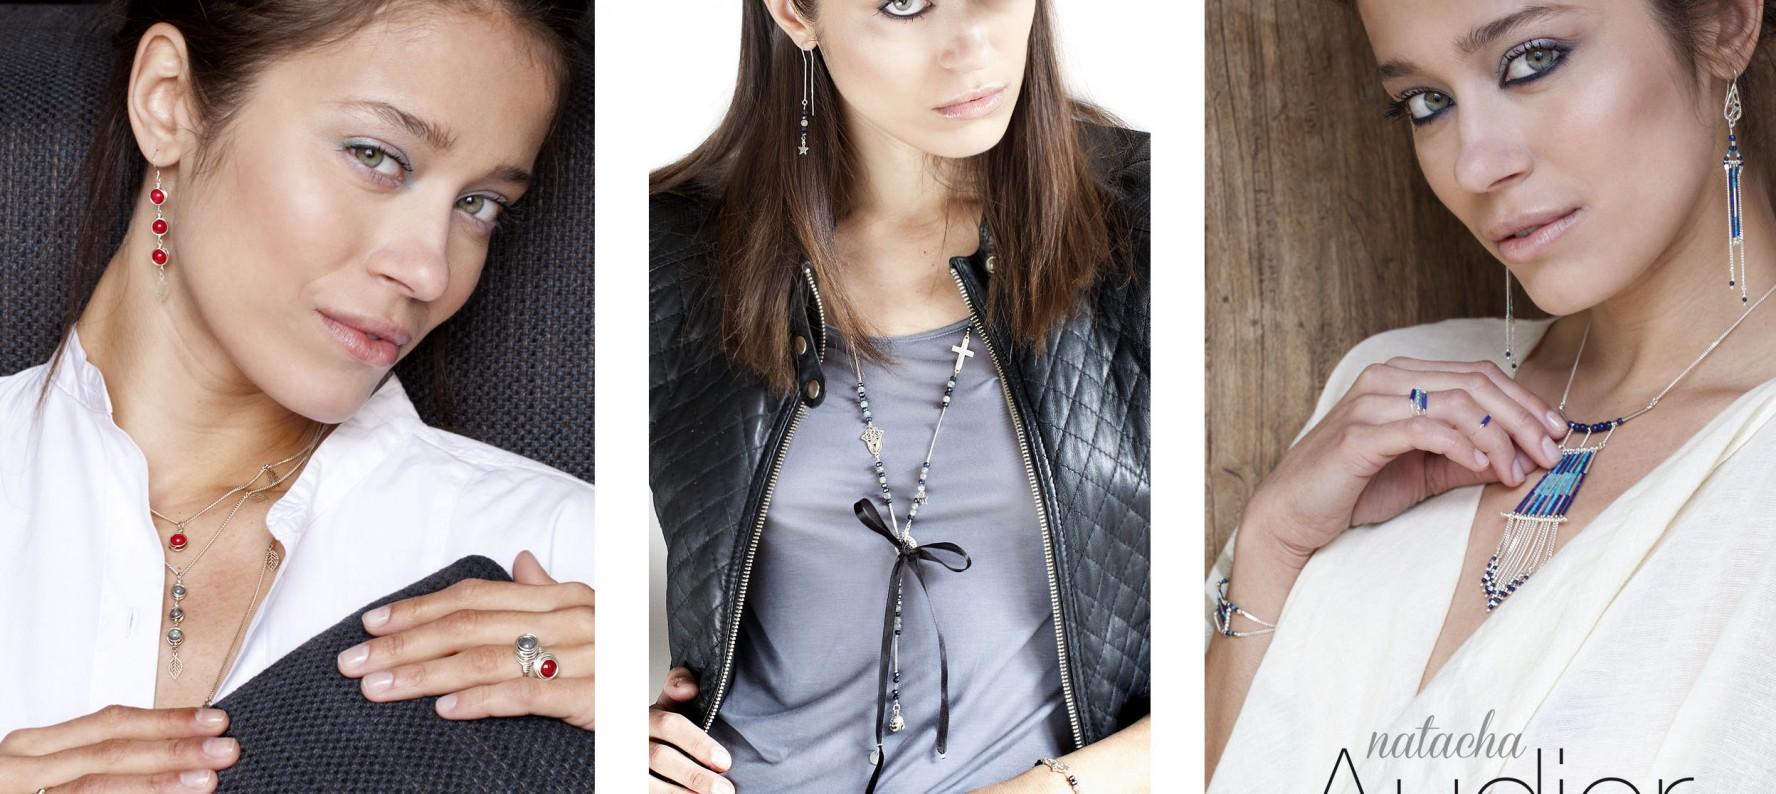 Nouvelle collection Alyssa Natacha Audier Paris